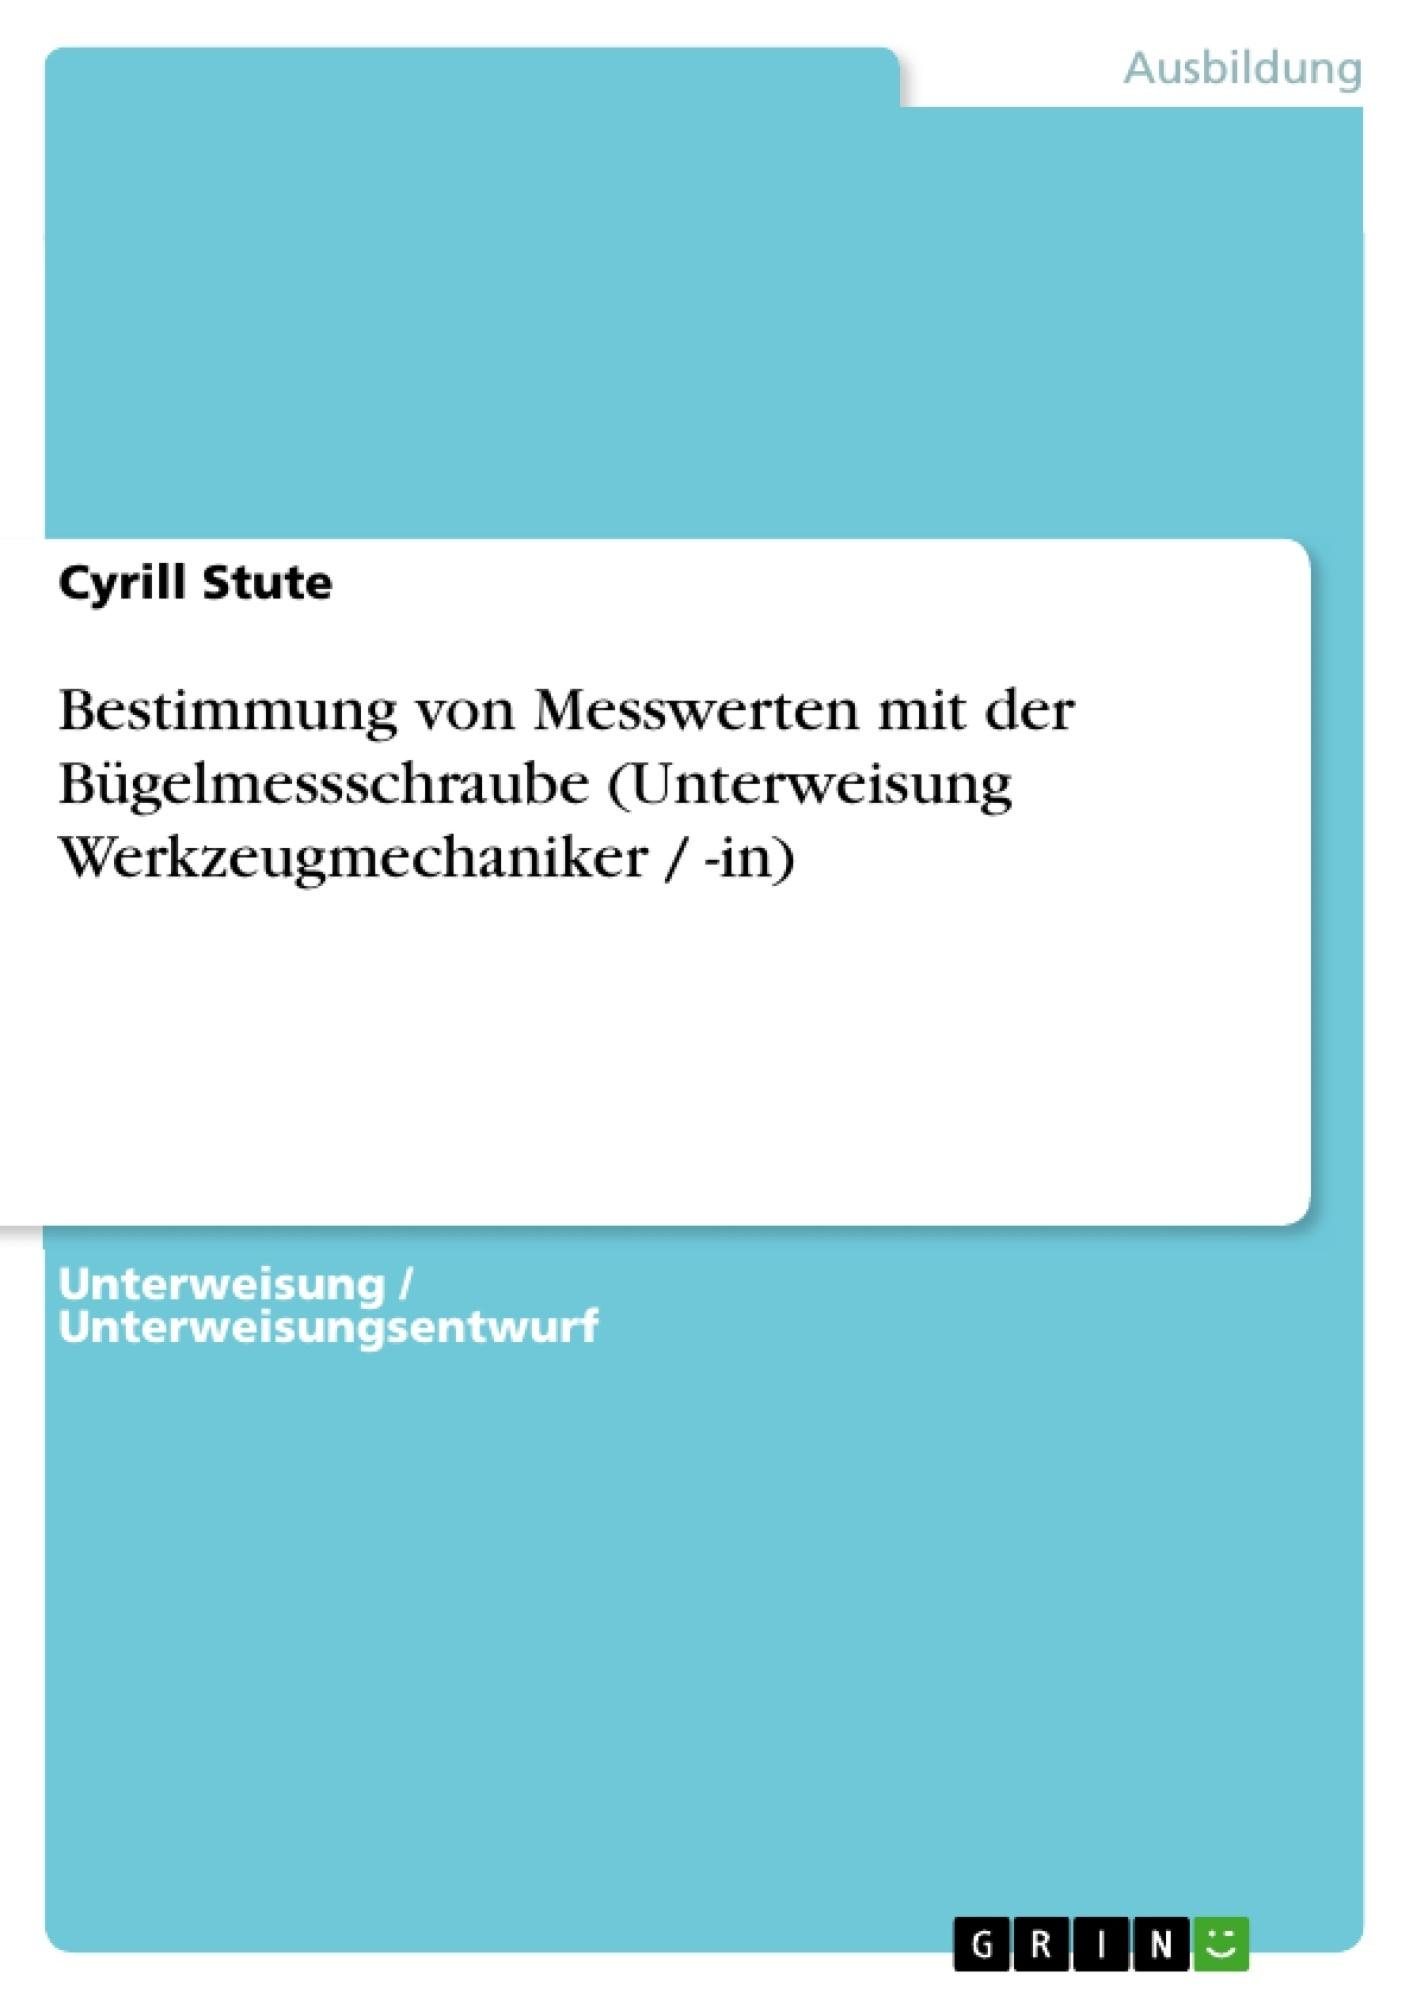 Titel: Bestimmung von Messwerten mit der Bügelmessschraube (Unterweisung Werkzeugmechaniker / -in)